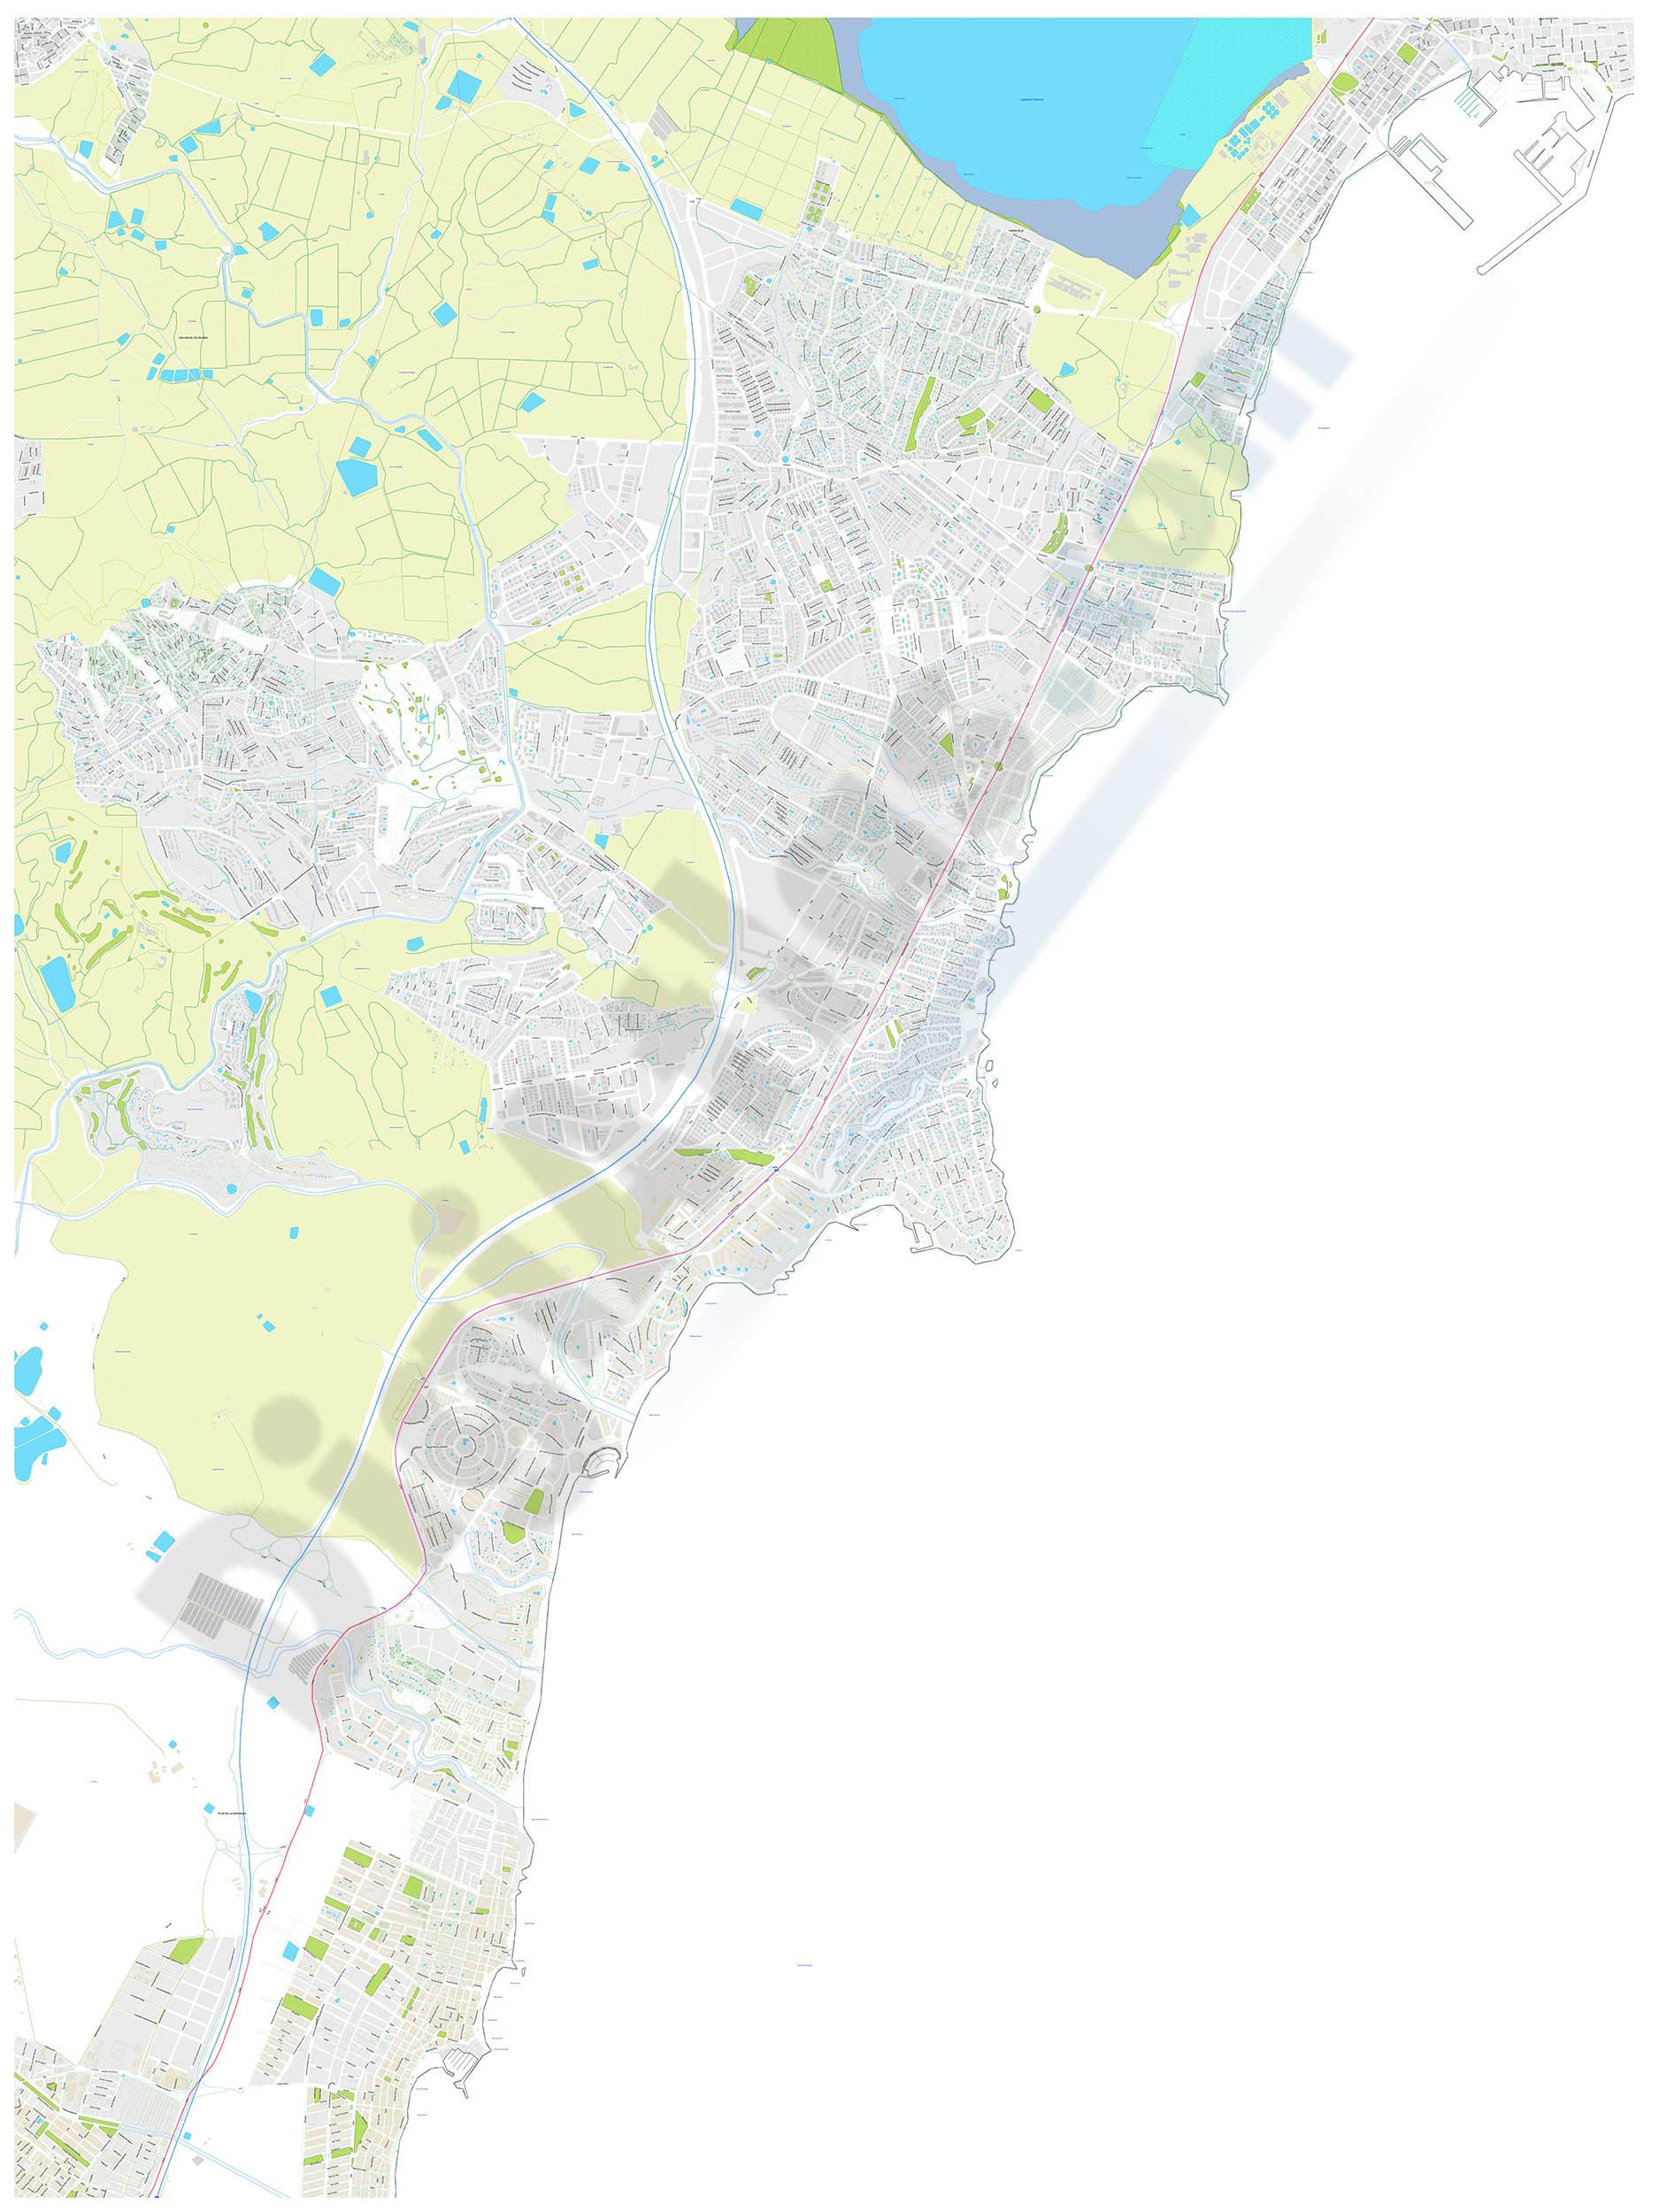 Torrevieja-Pilar de la Horadada (province of Alicante, Spain) - city map